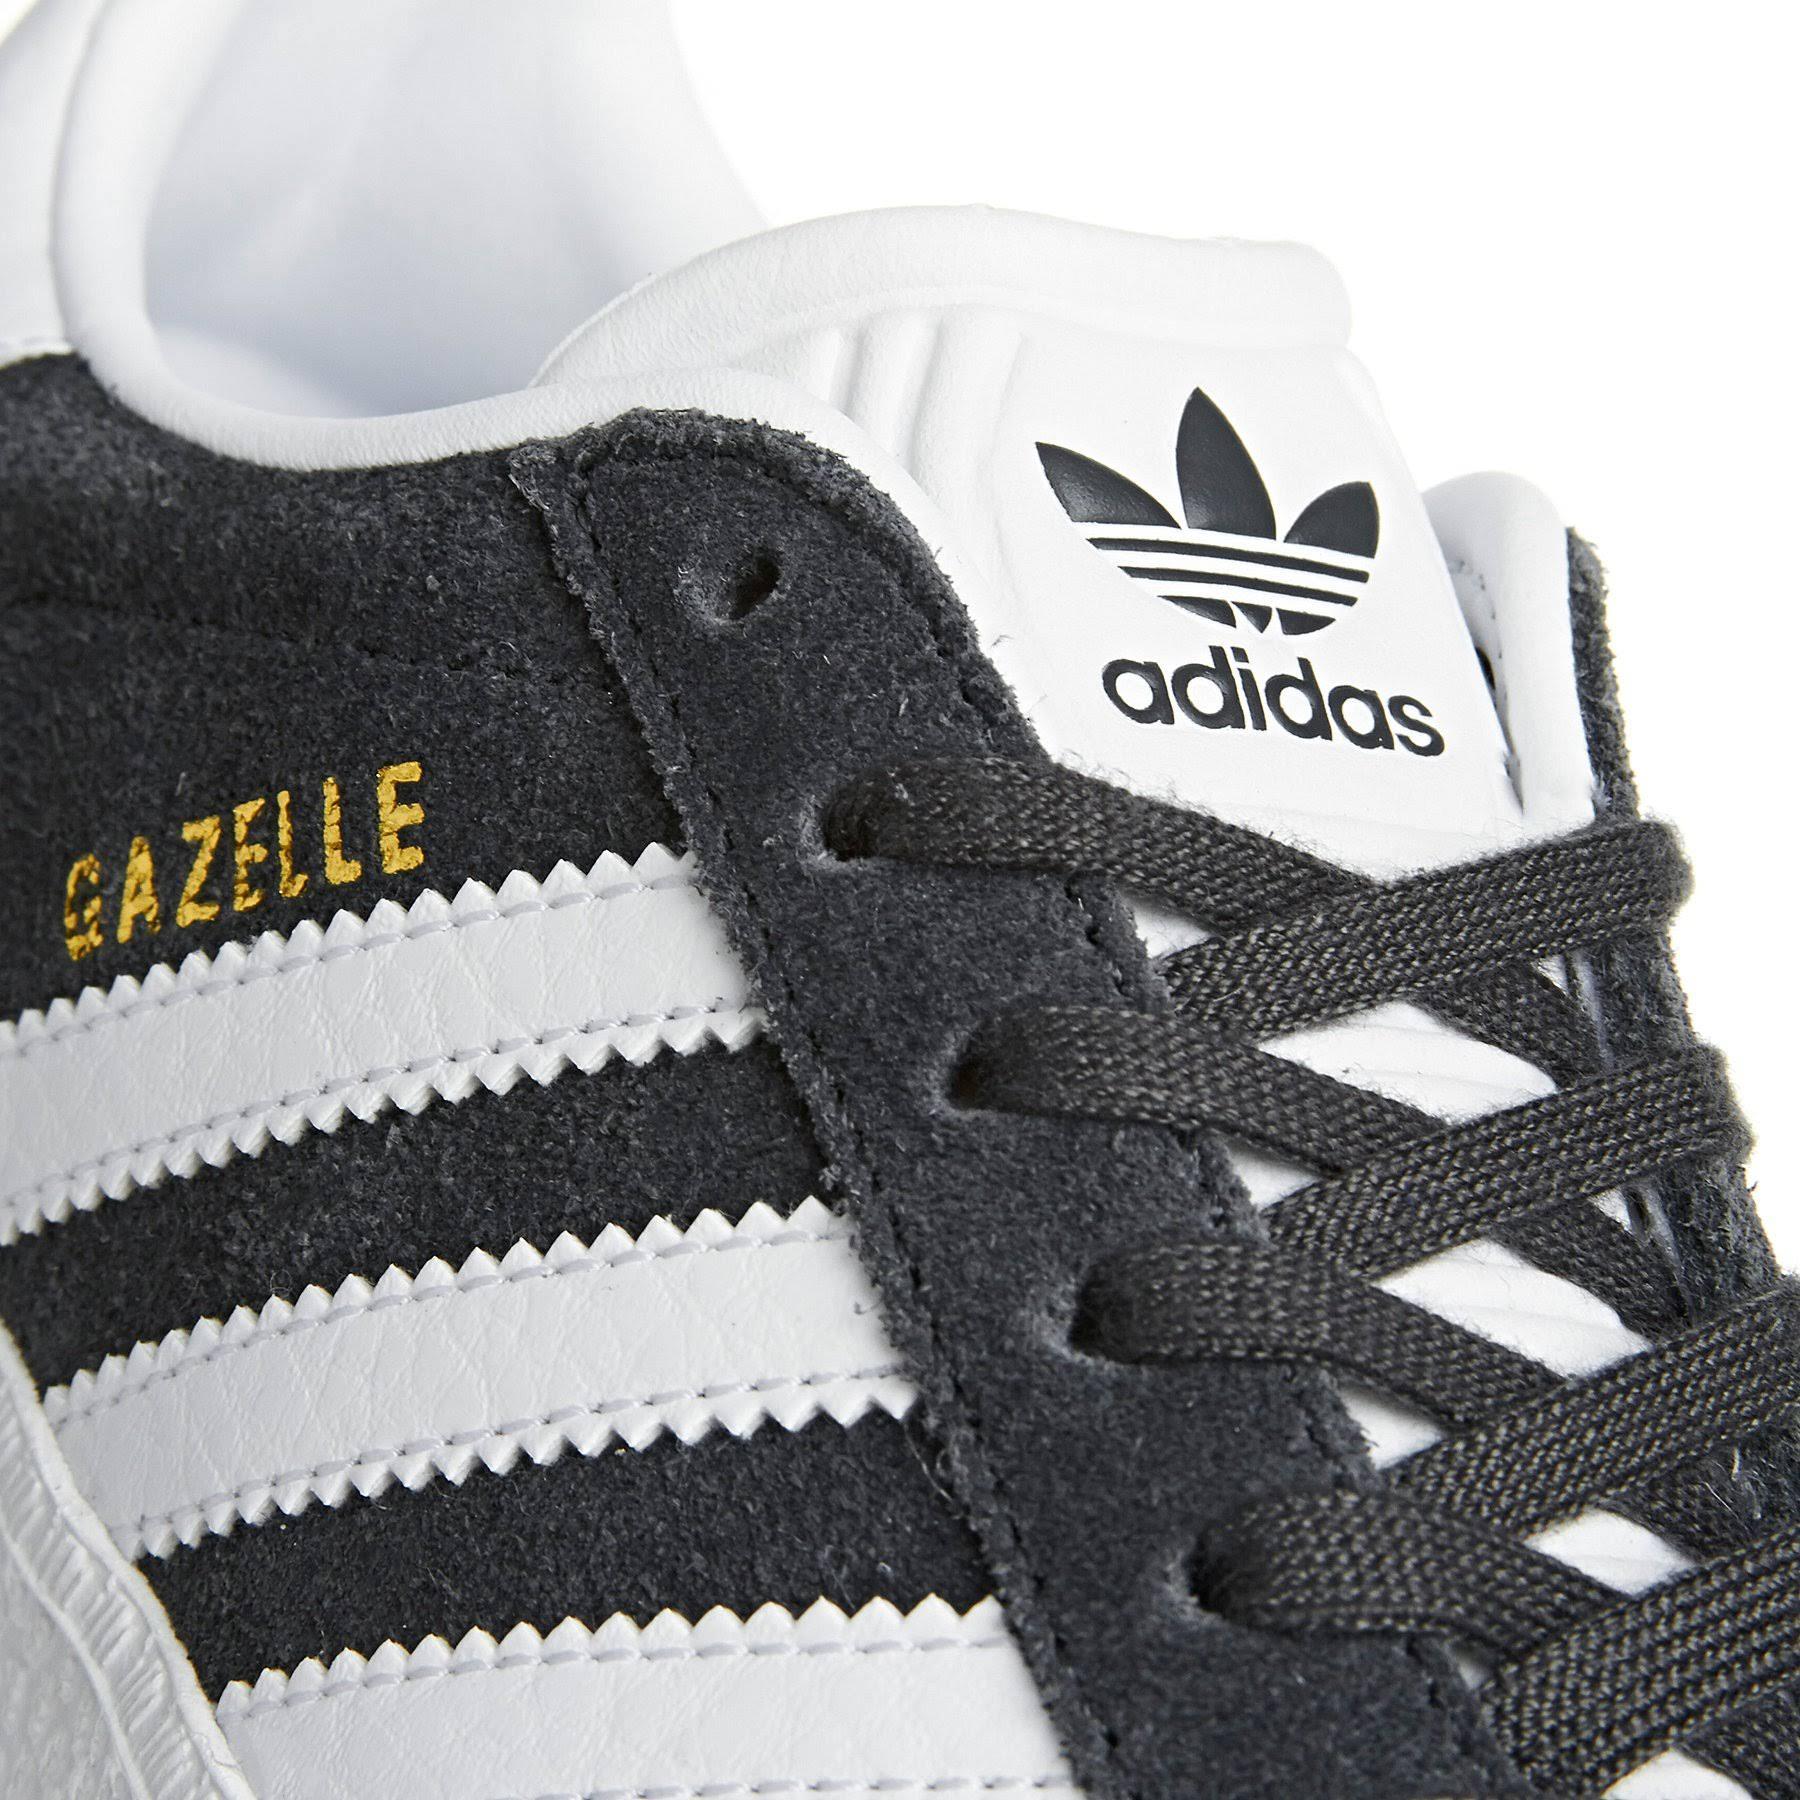 Adidas Grey Gazelle Shoes Shoes Gazelle Gazelle Adidas Grey Adidas Shoes Grey CeQdoWrxB